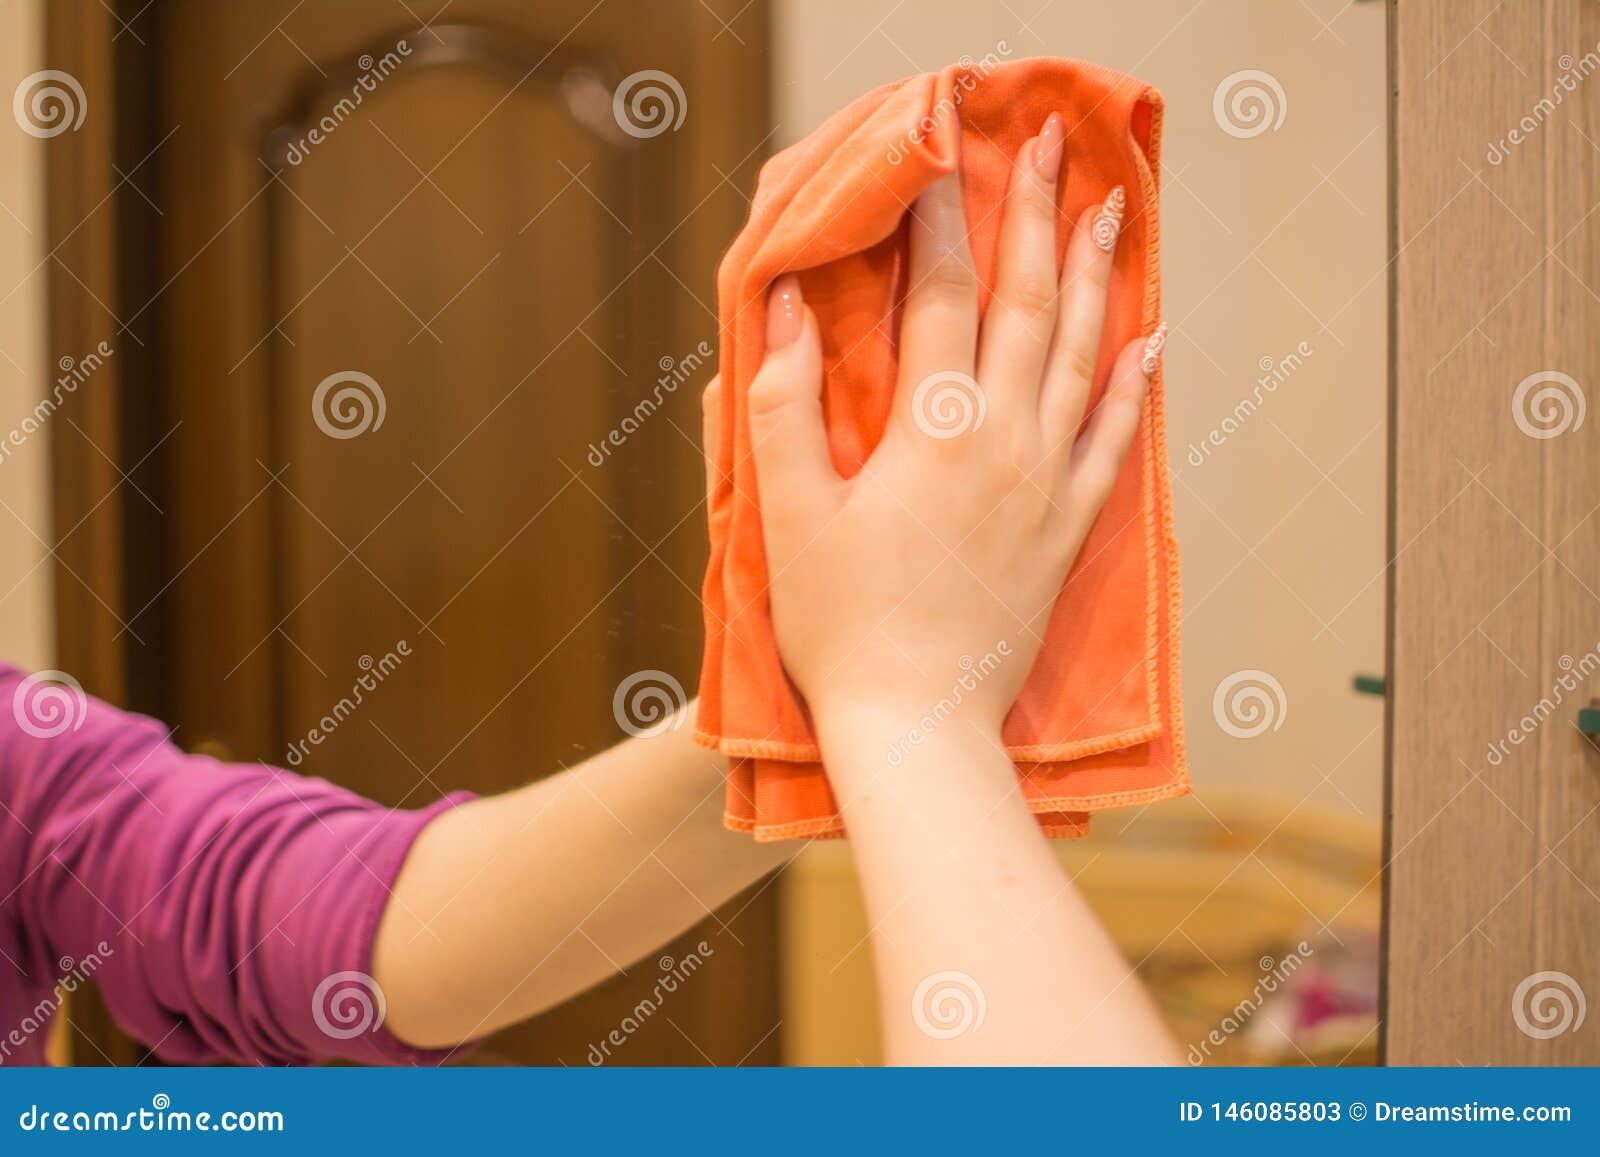 Eine Frau wäscht einen Spiegel mit einem speziellen Lappen